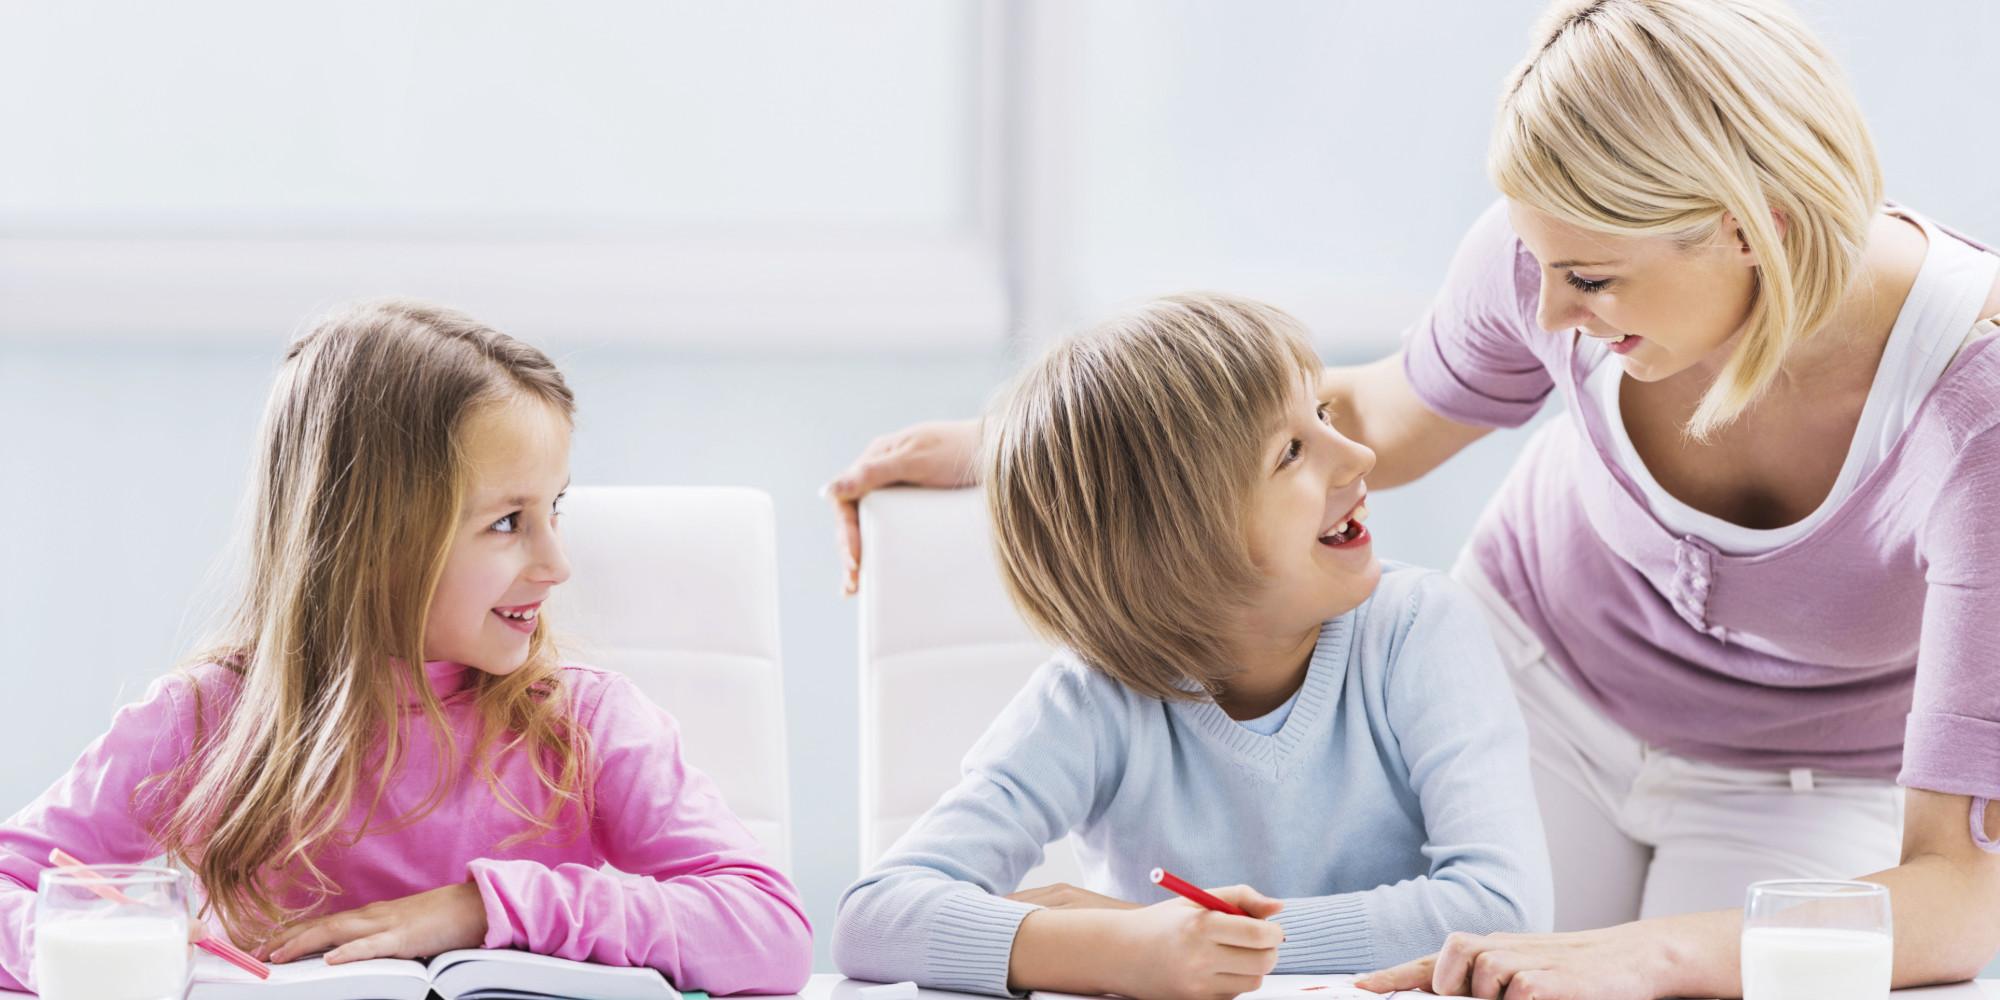 Αποτέλεσμα εικόνας για mom talking with kids